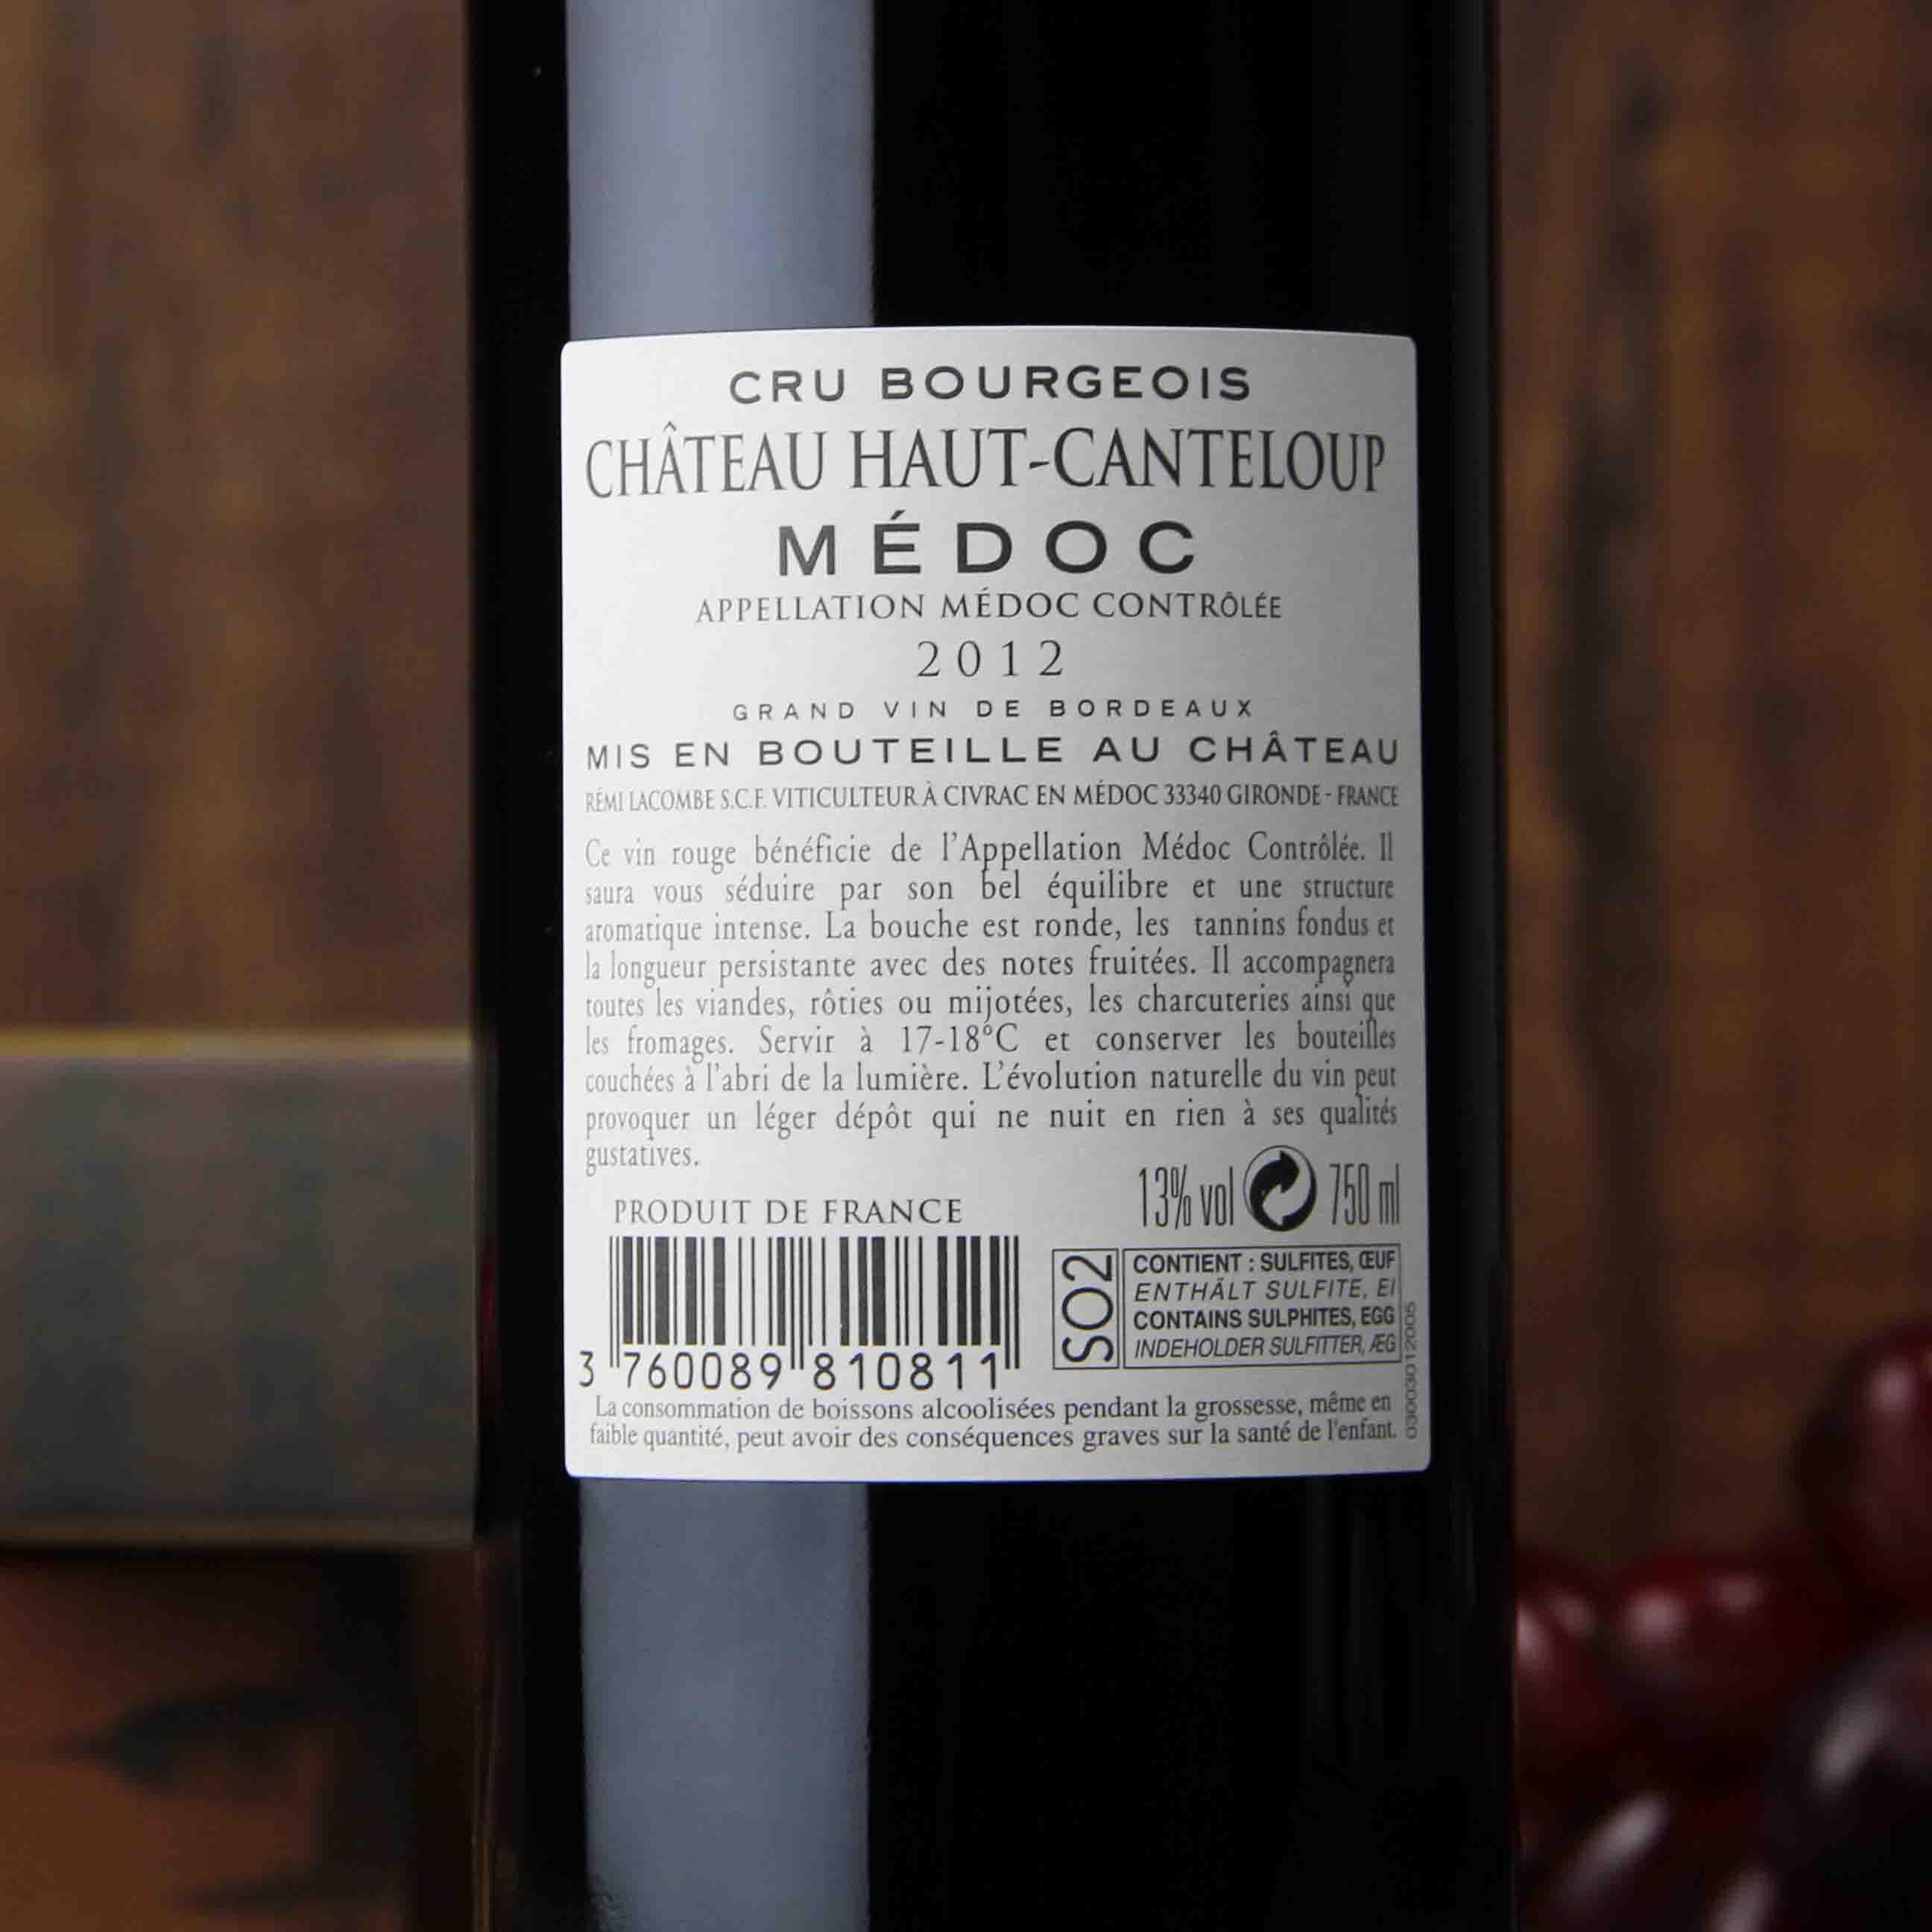 法国波尔多梅多克特伦普古堡庄园红葡萄酒红酒